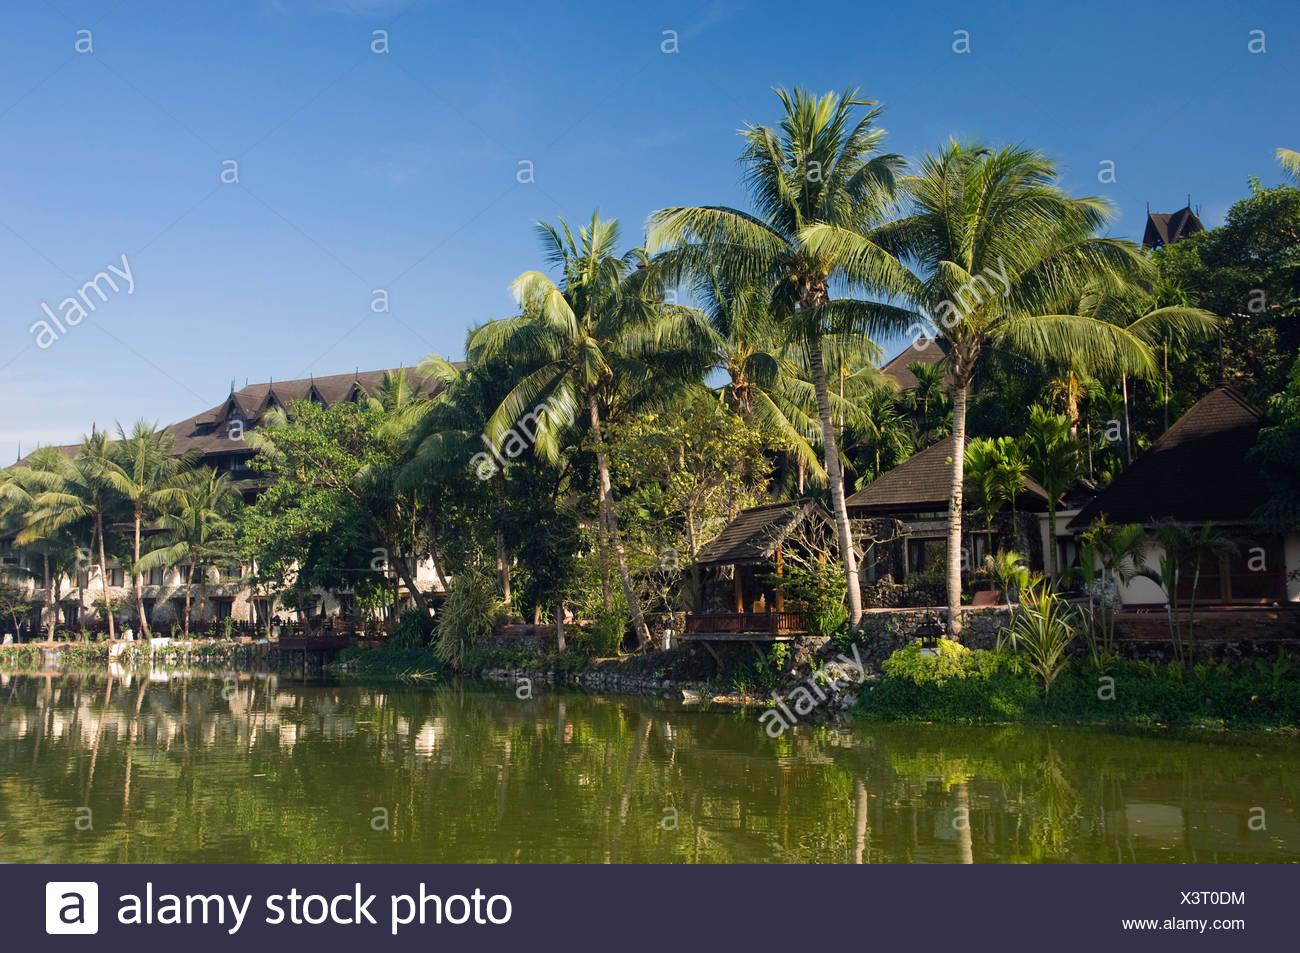 Kandawgyi lake, Rangoon, Yangon, Burma, Myanmar, Asia Stock Photo